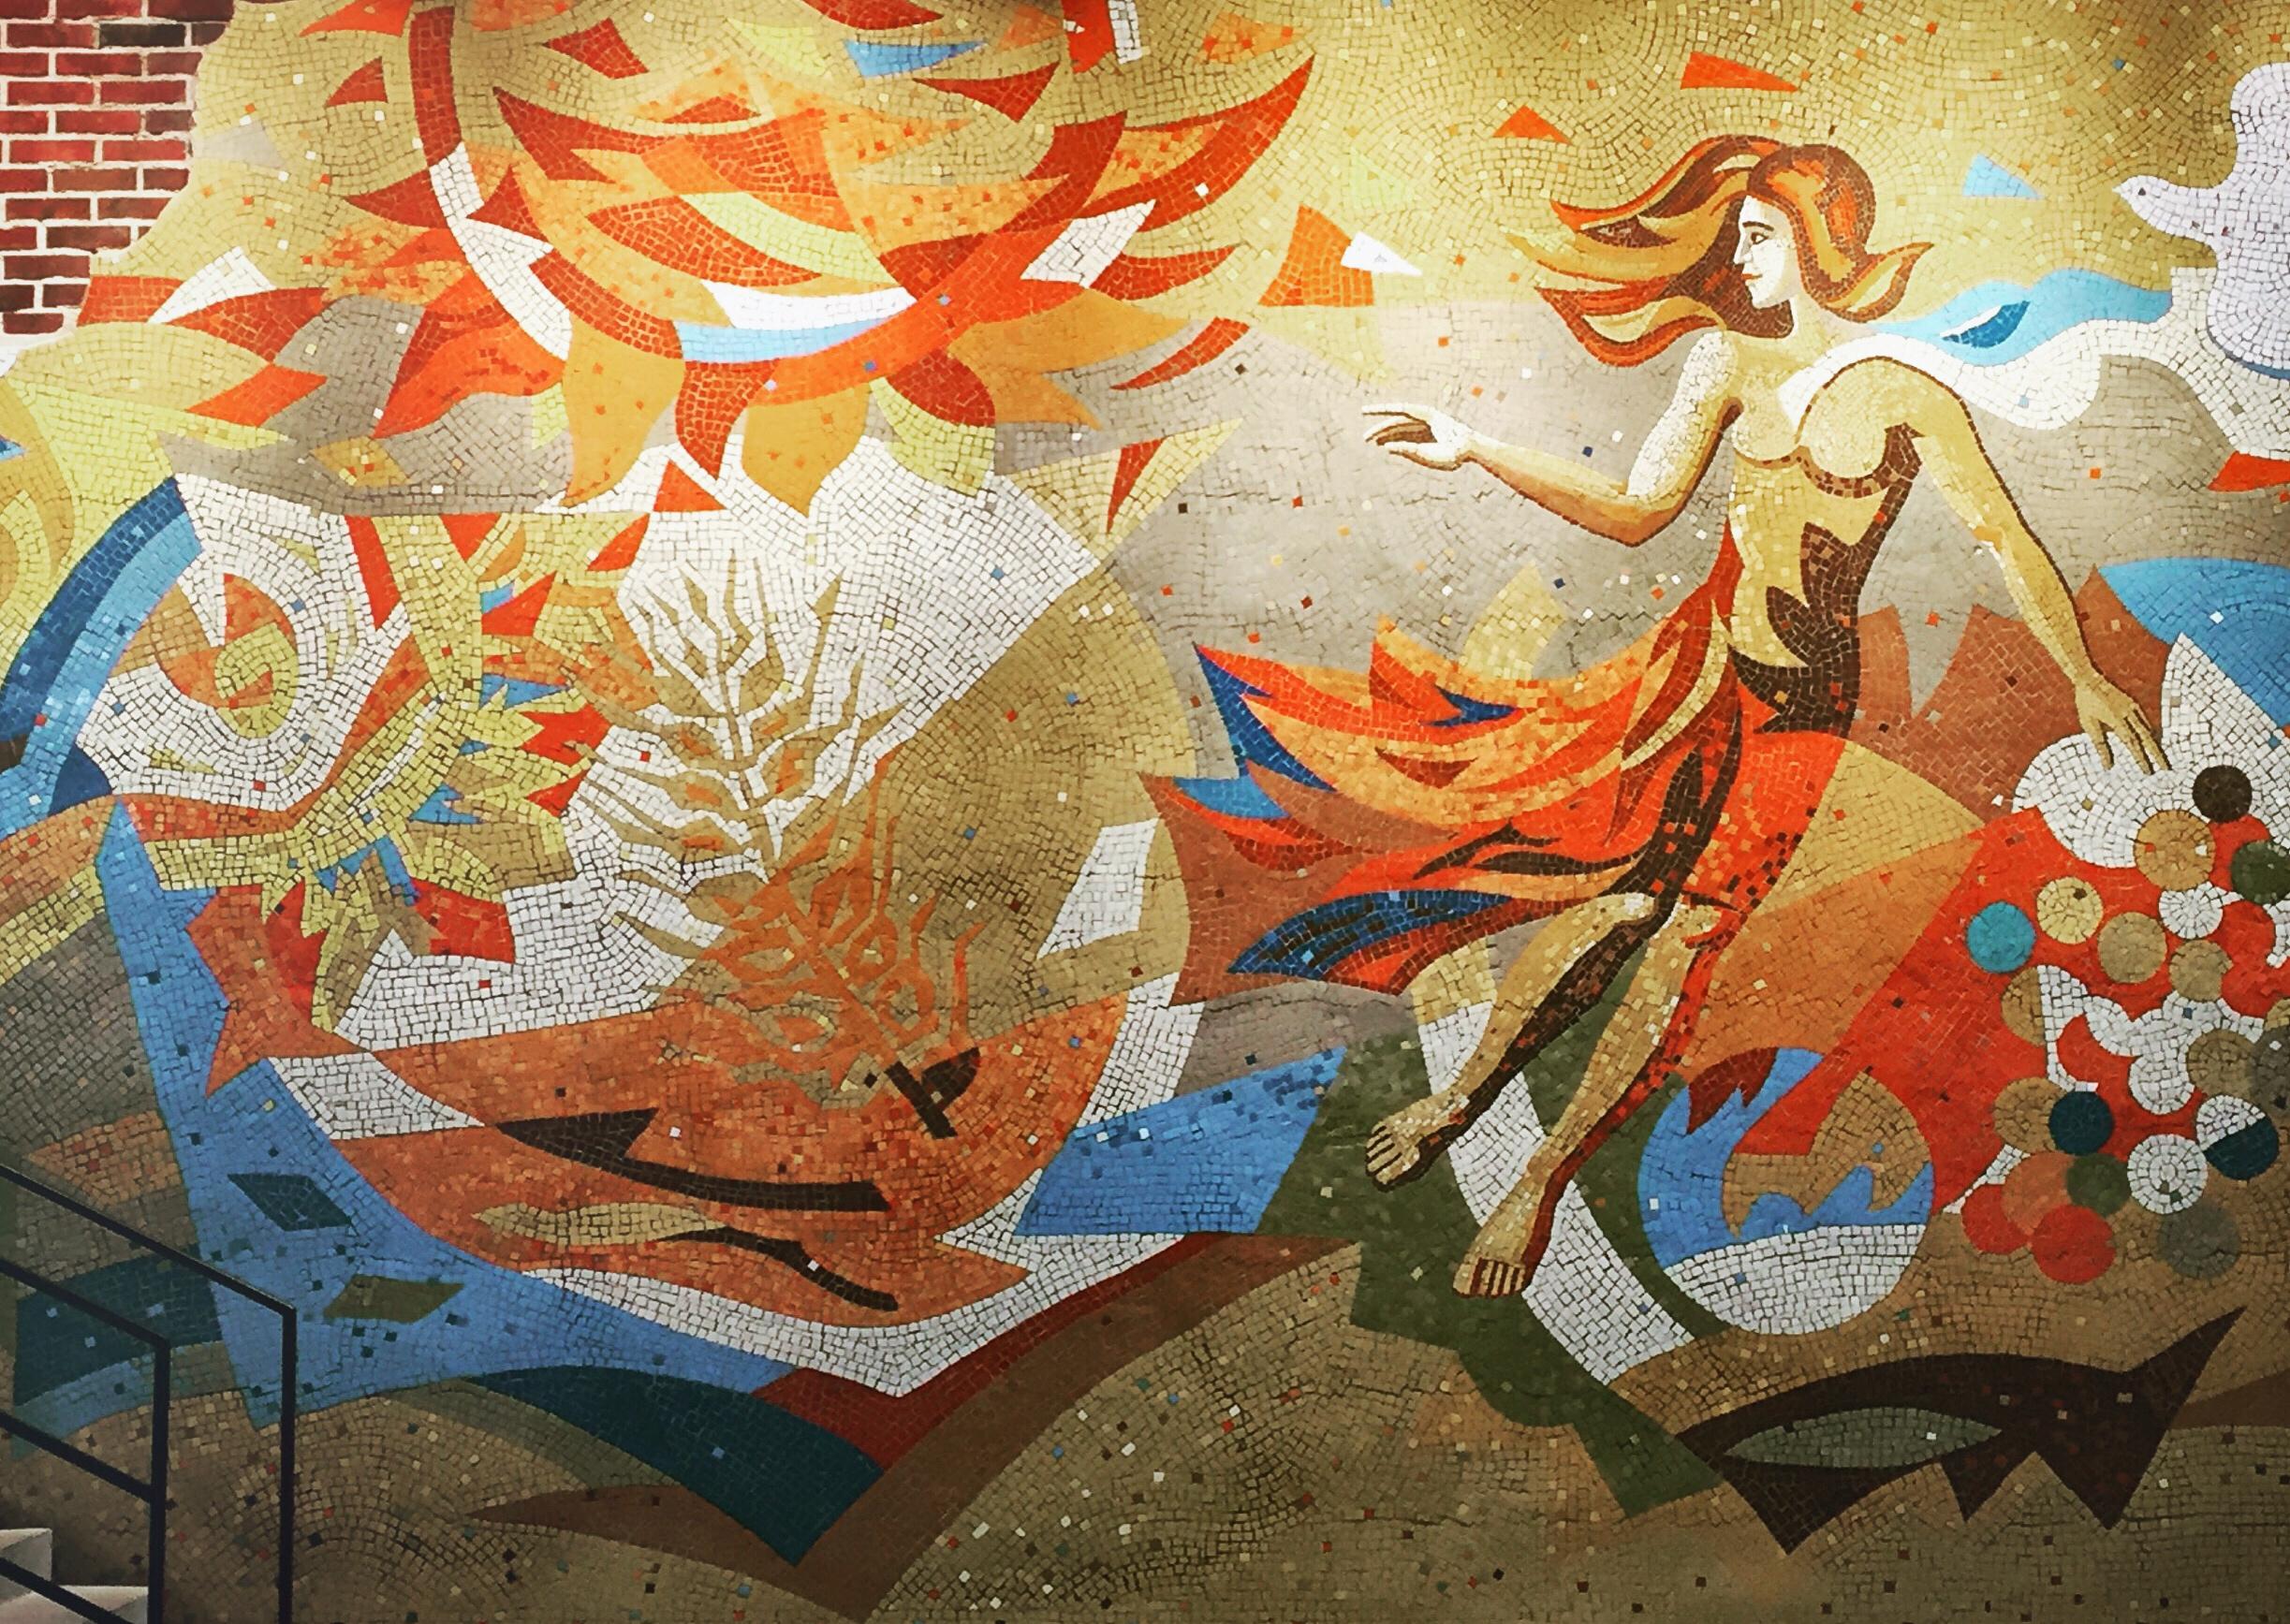 So sieht der Frühling als sowjetisches Mosaik im Garage-Museum aus. Wie er bei Facebook, Twitter oder Instagram aussieht, ist leicht vorherzusagen